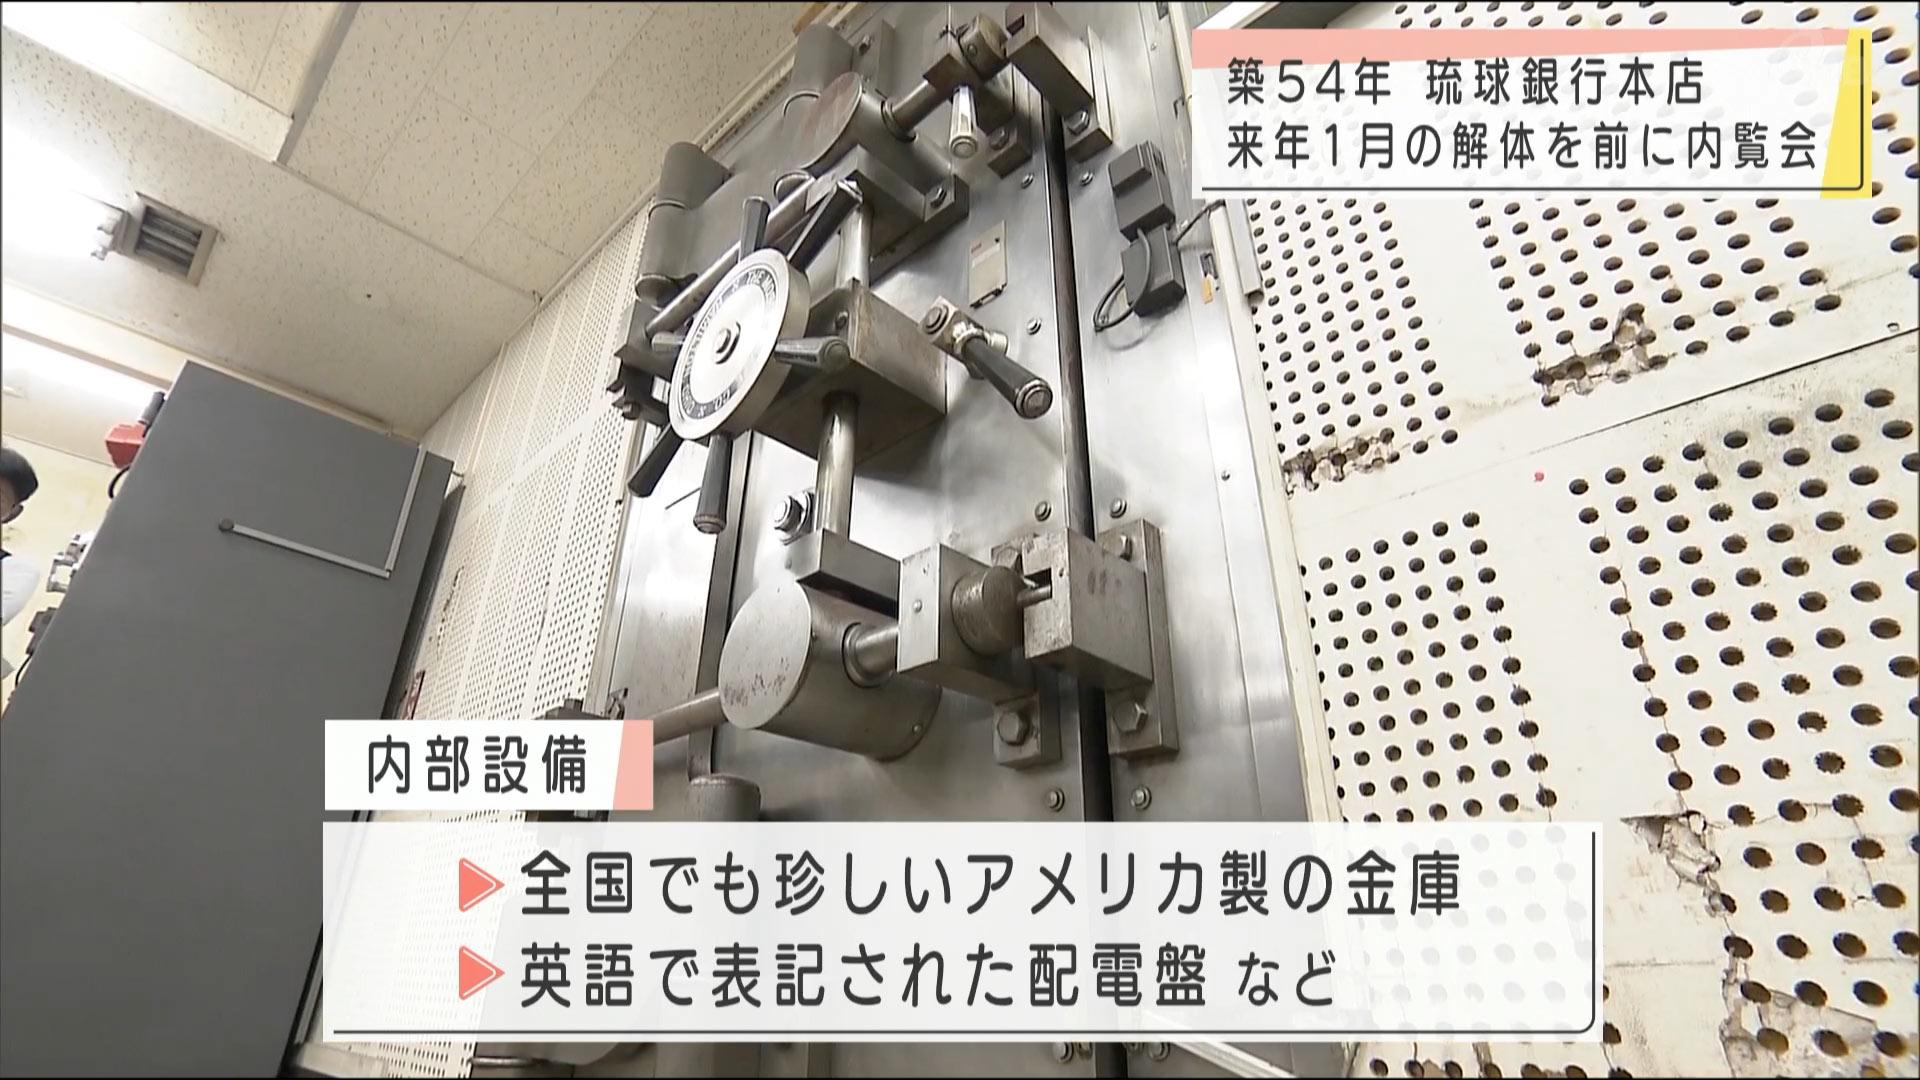 築54年 琉球銀行本店解体を前に内覧会